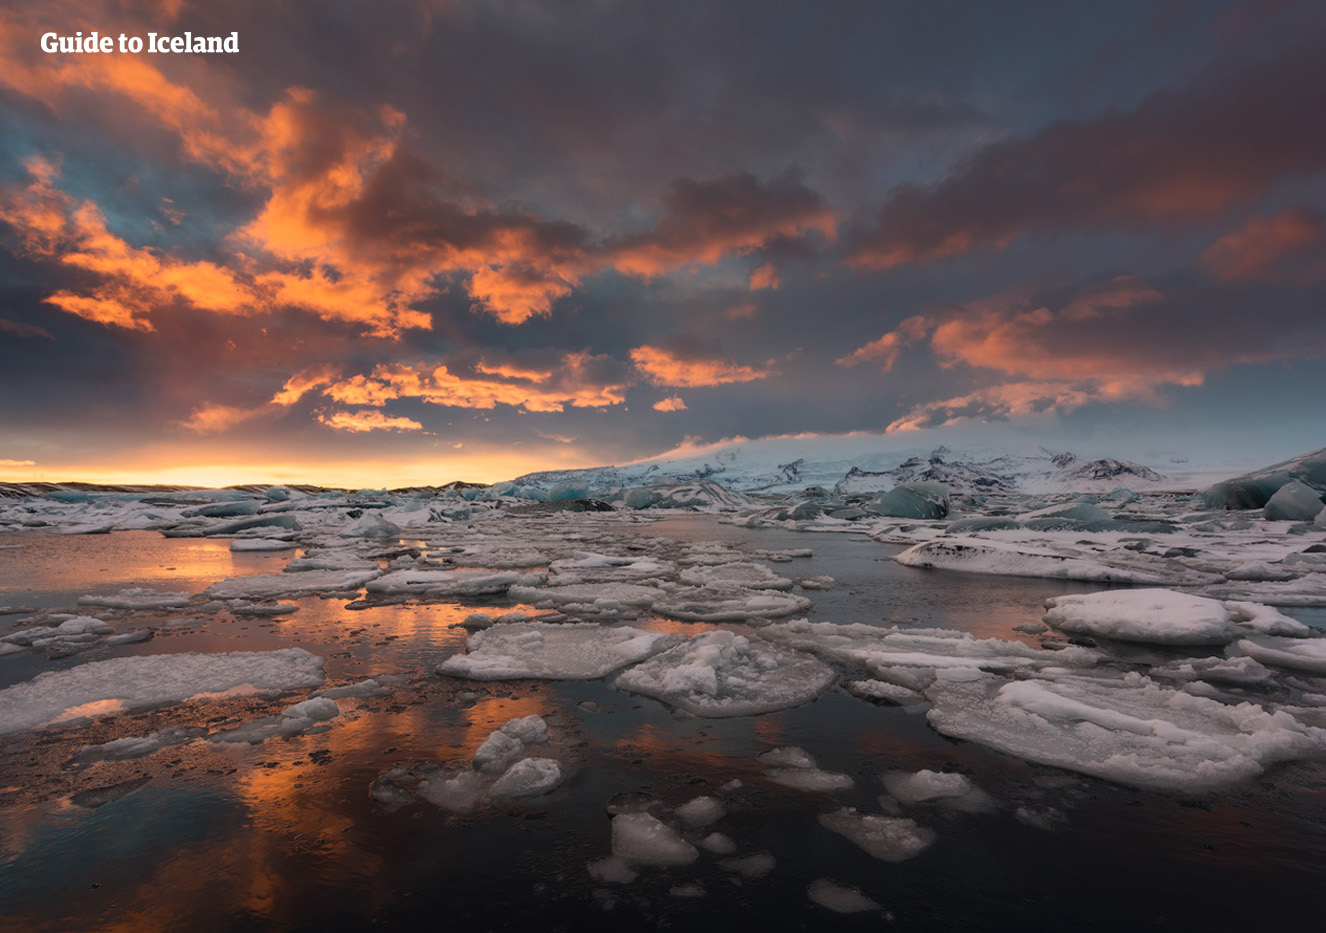 冰岛南岸的杰古沙龙冰河湖被誉为自然王冠上的明珠